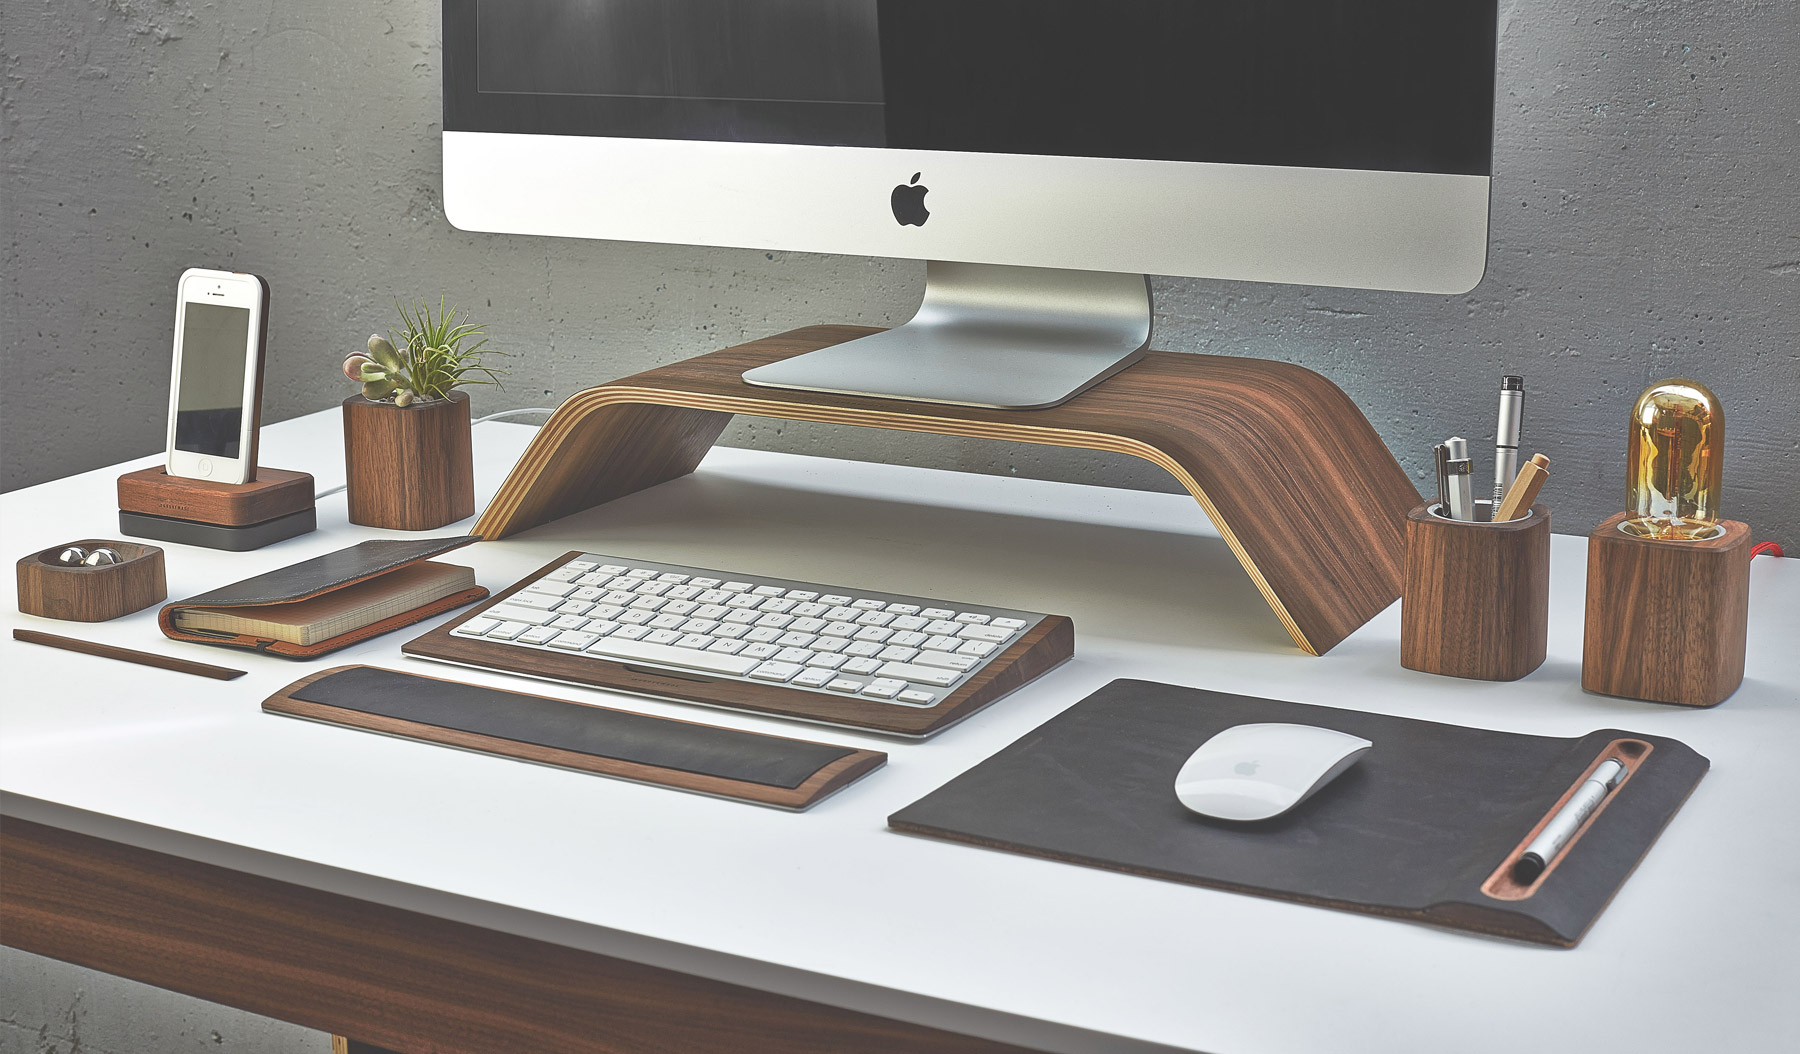 Grovemade gli accessori in legno che migliorano l uso del for Accessori scrivania design